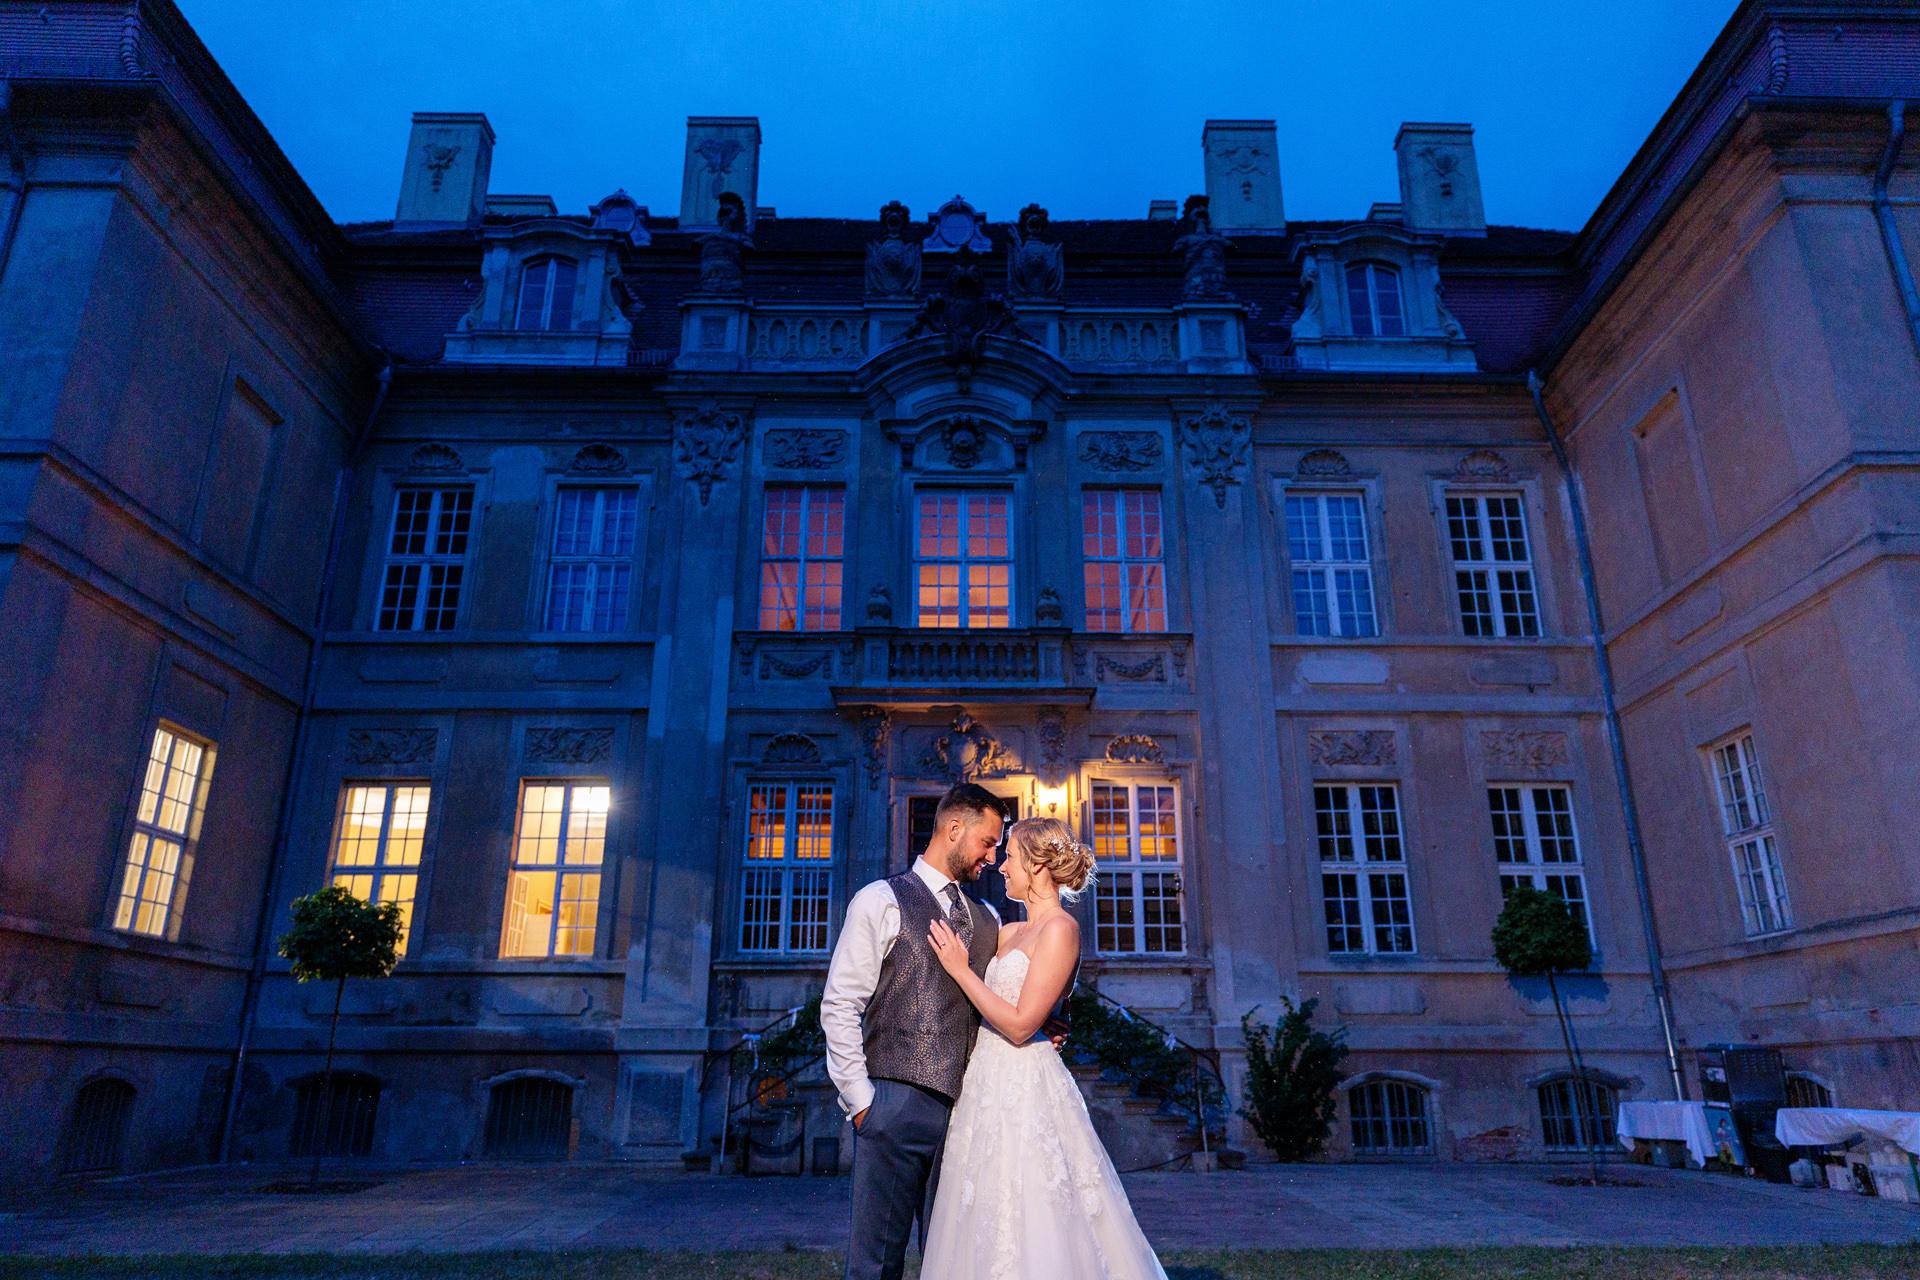 Zur Blauen Stunde entsteht ein Hochzeitsfoto mit dem Brautpaar vor dem Schloss